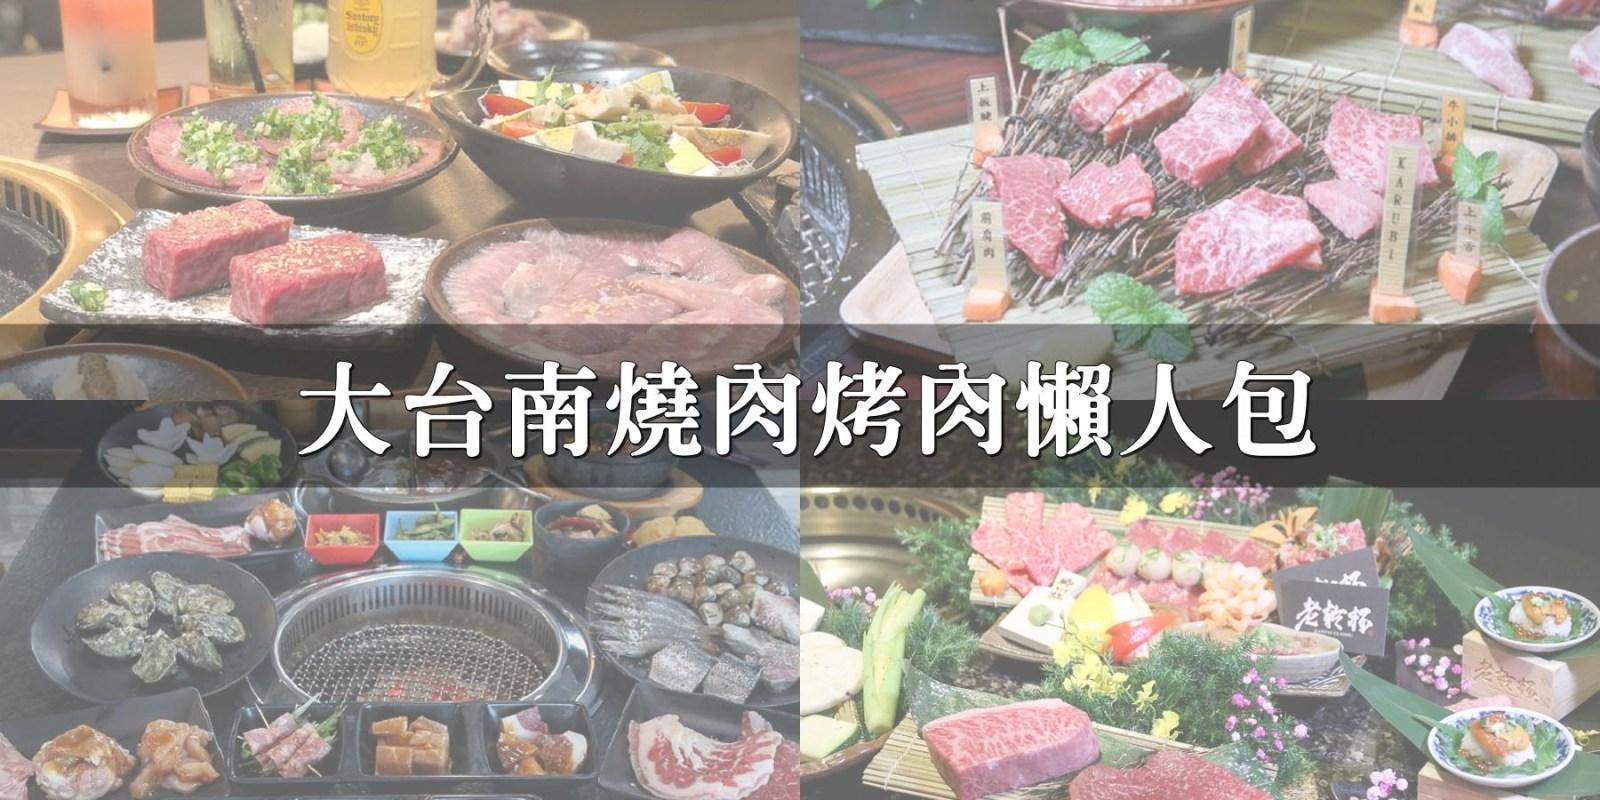 台南燒肉 台南燒肉哪裡吃?大台南各區燒肉懶人包通通有。MENU菜單|推薦|吃到飽|單點(2020年更新)